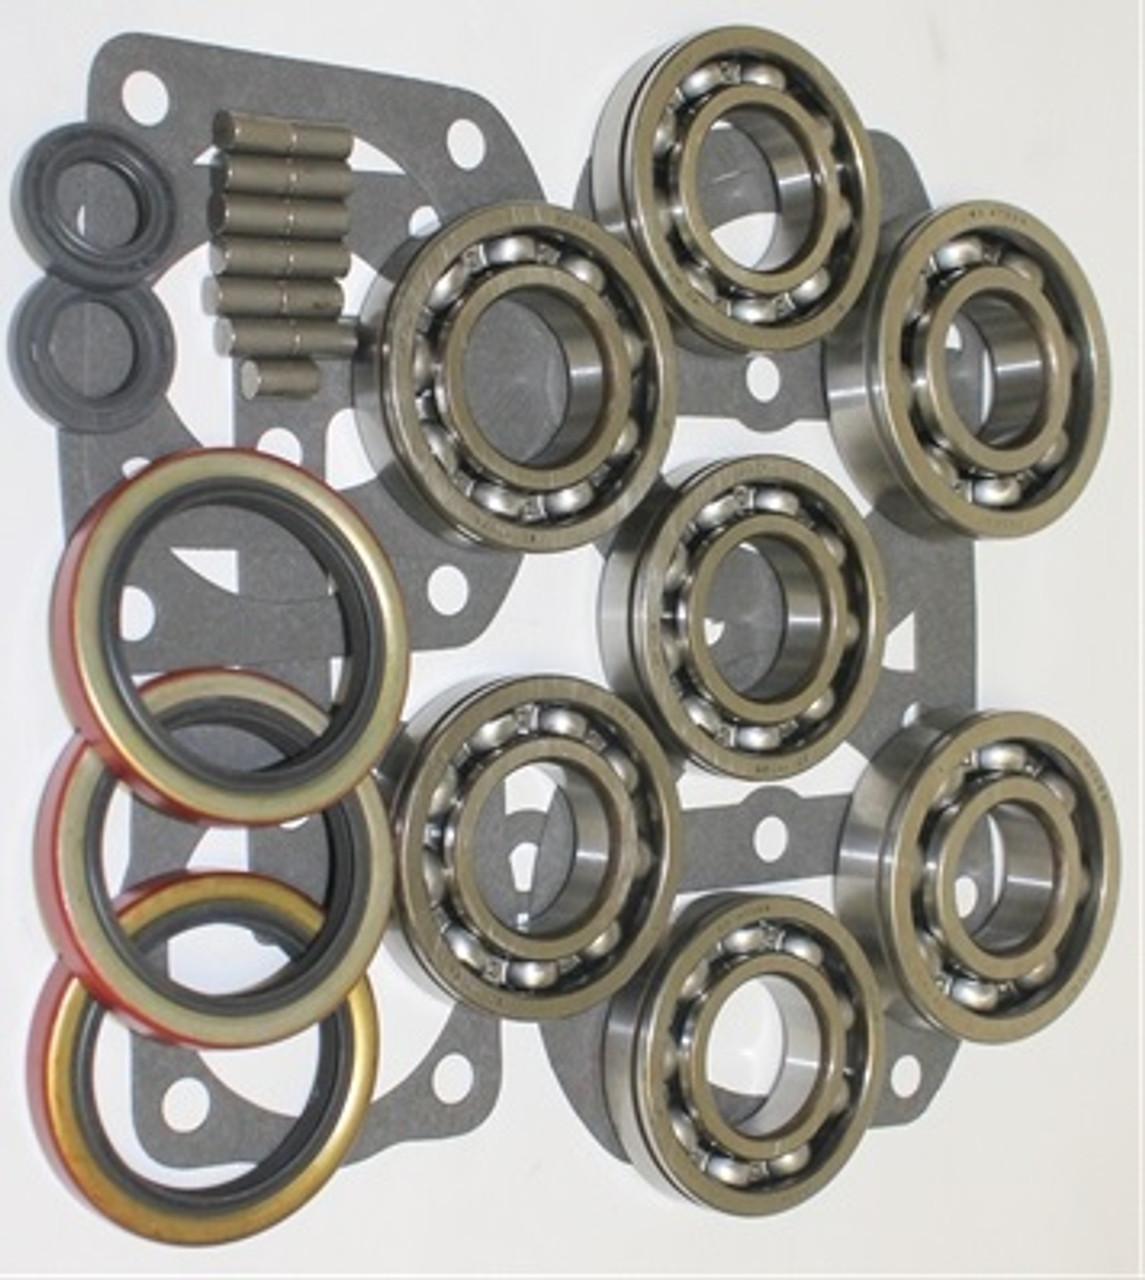 Scout II Dana 18 20 300 Transfer Case Needle Bearing Intermediate Shaft Kit